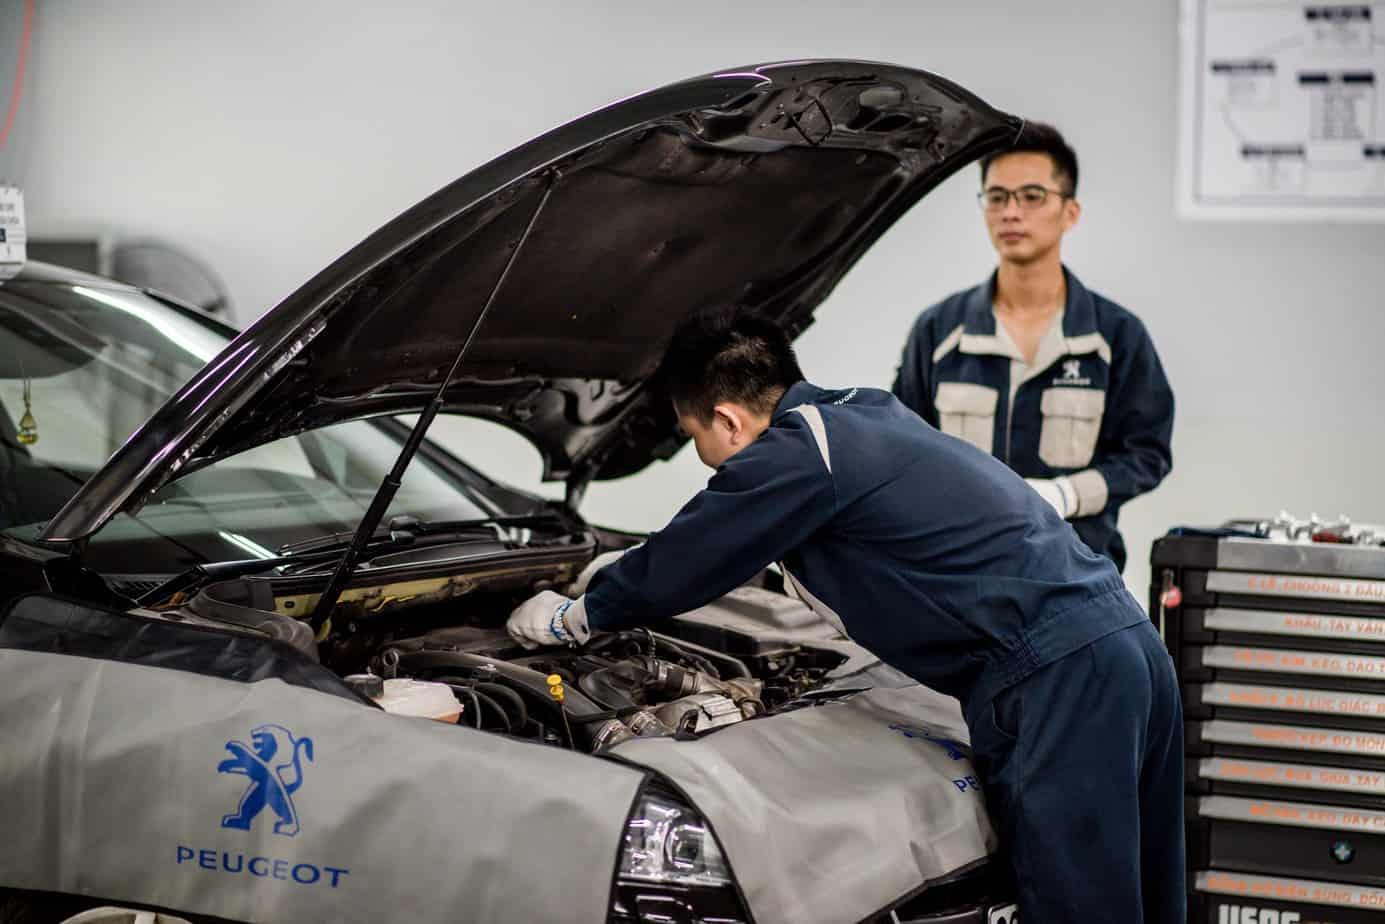 Những lưu ý bạn nên biết khi có nhu cầu sửa chữa, bảo dưỡng xe ô tô Peugeot